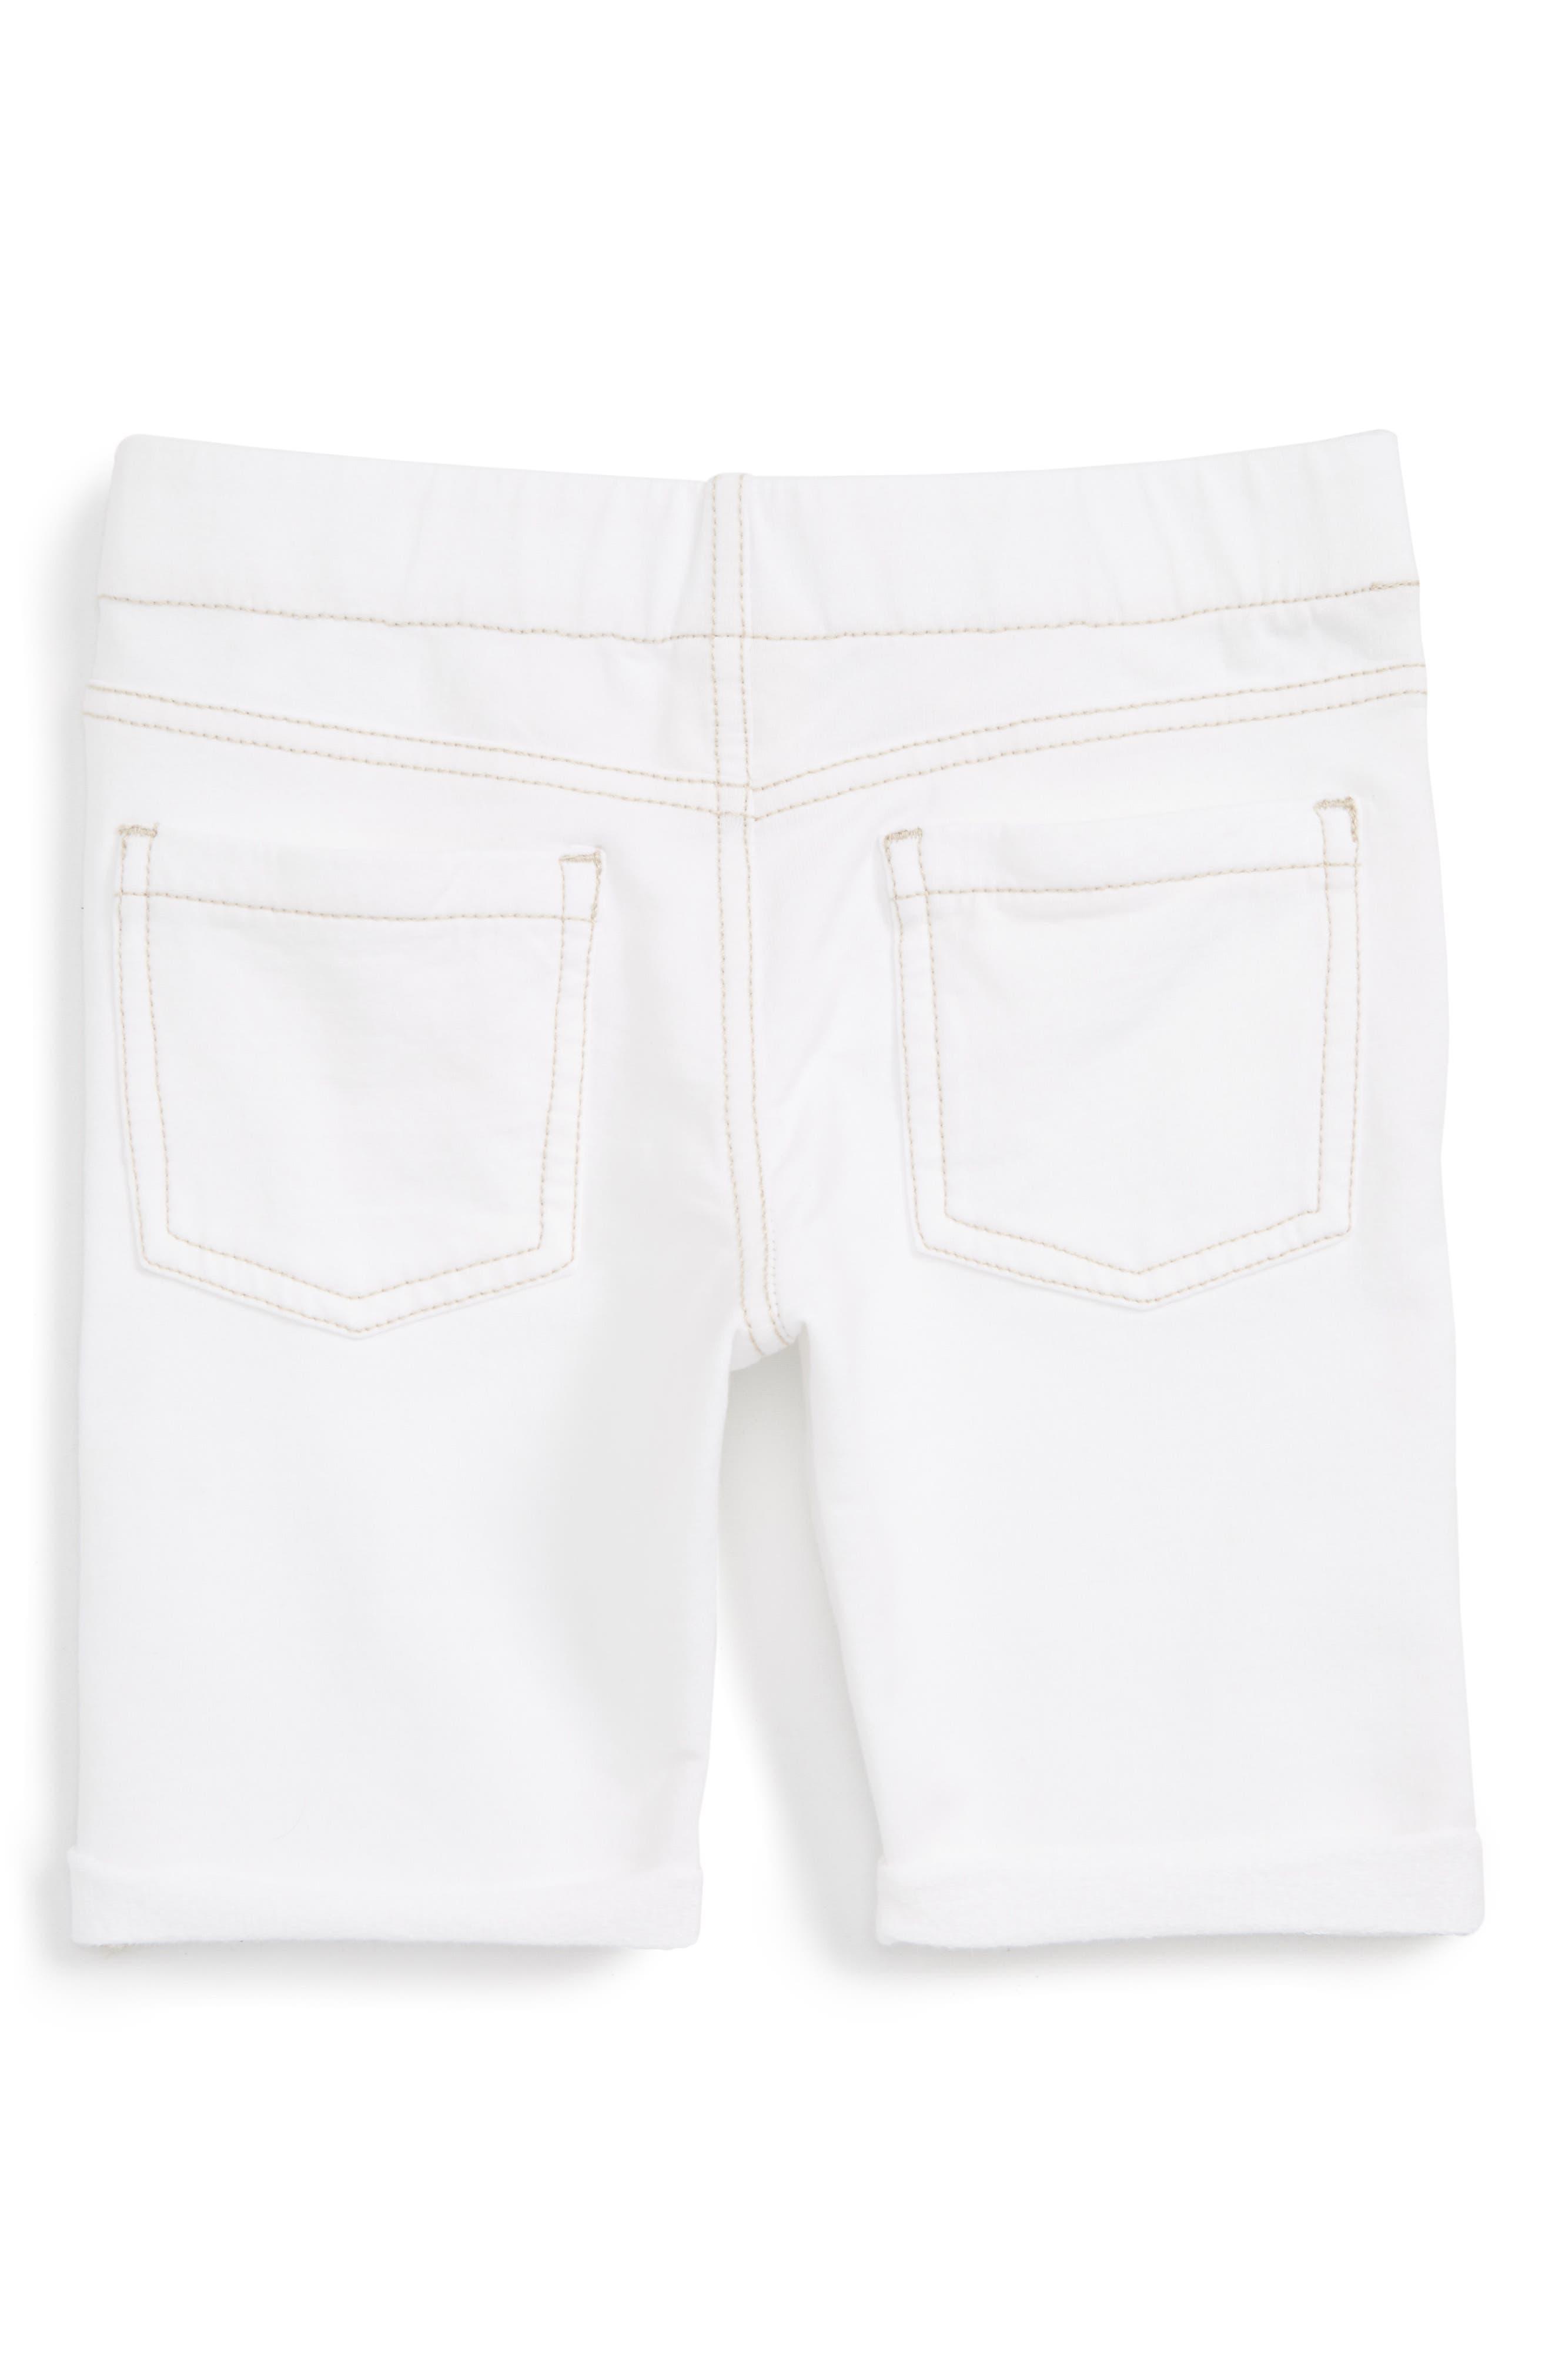 'Jenna' Jegging Shorts,                             Alternate thumbnail 2, color,                             WHITE